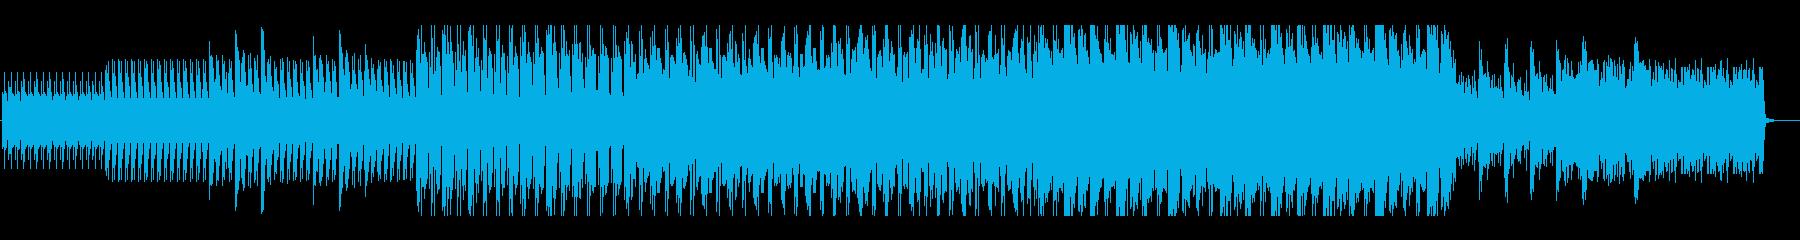 6台のピアノによる幻想的なミニマルの再生済みの波形